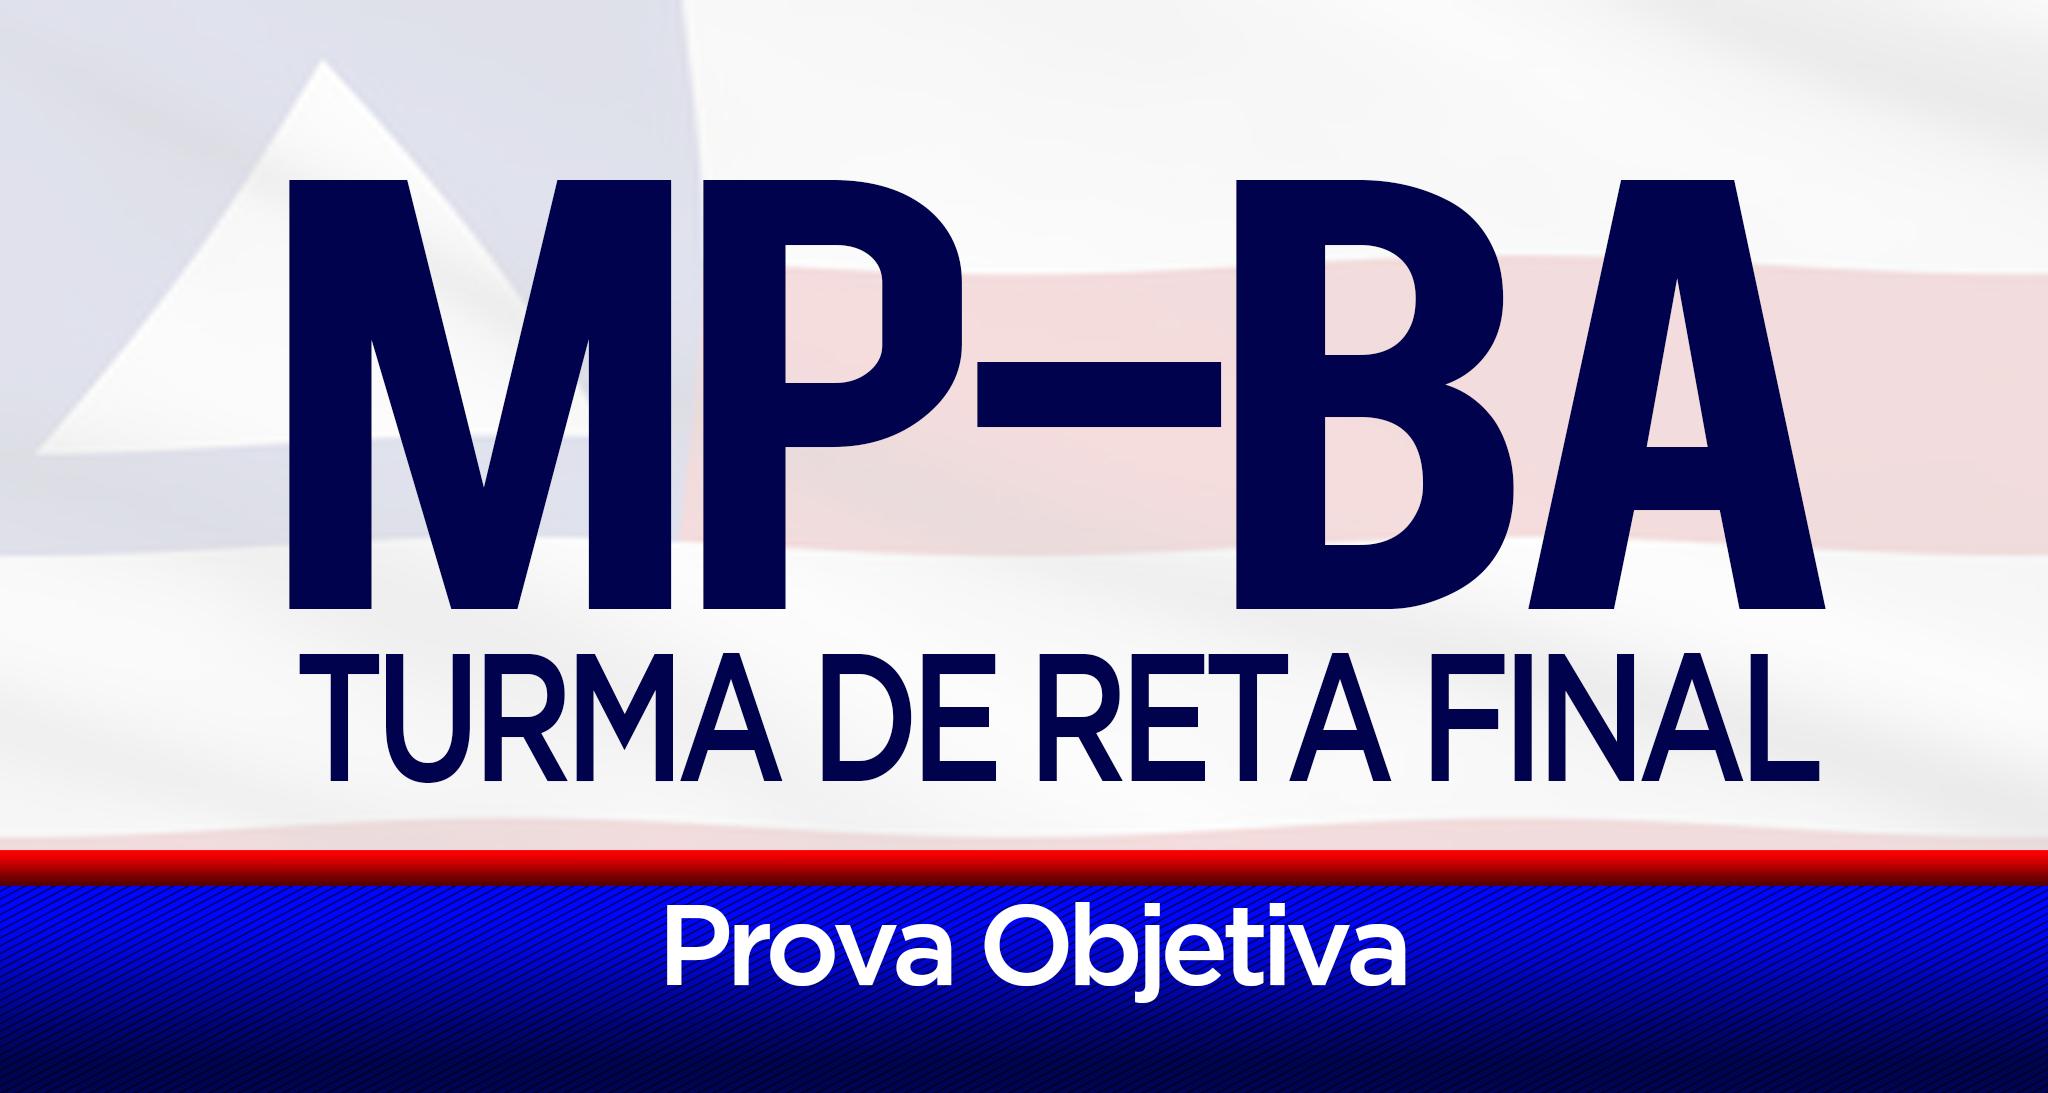 Turma de reta final específica para o concurso do Ministério Público Estadual da Bahia. Conta com materiais impressos, aulas expositivas, simulados e muito mais.